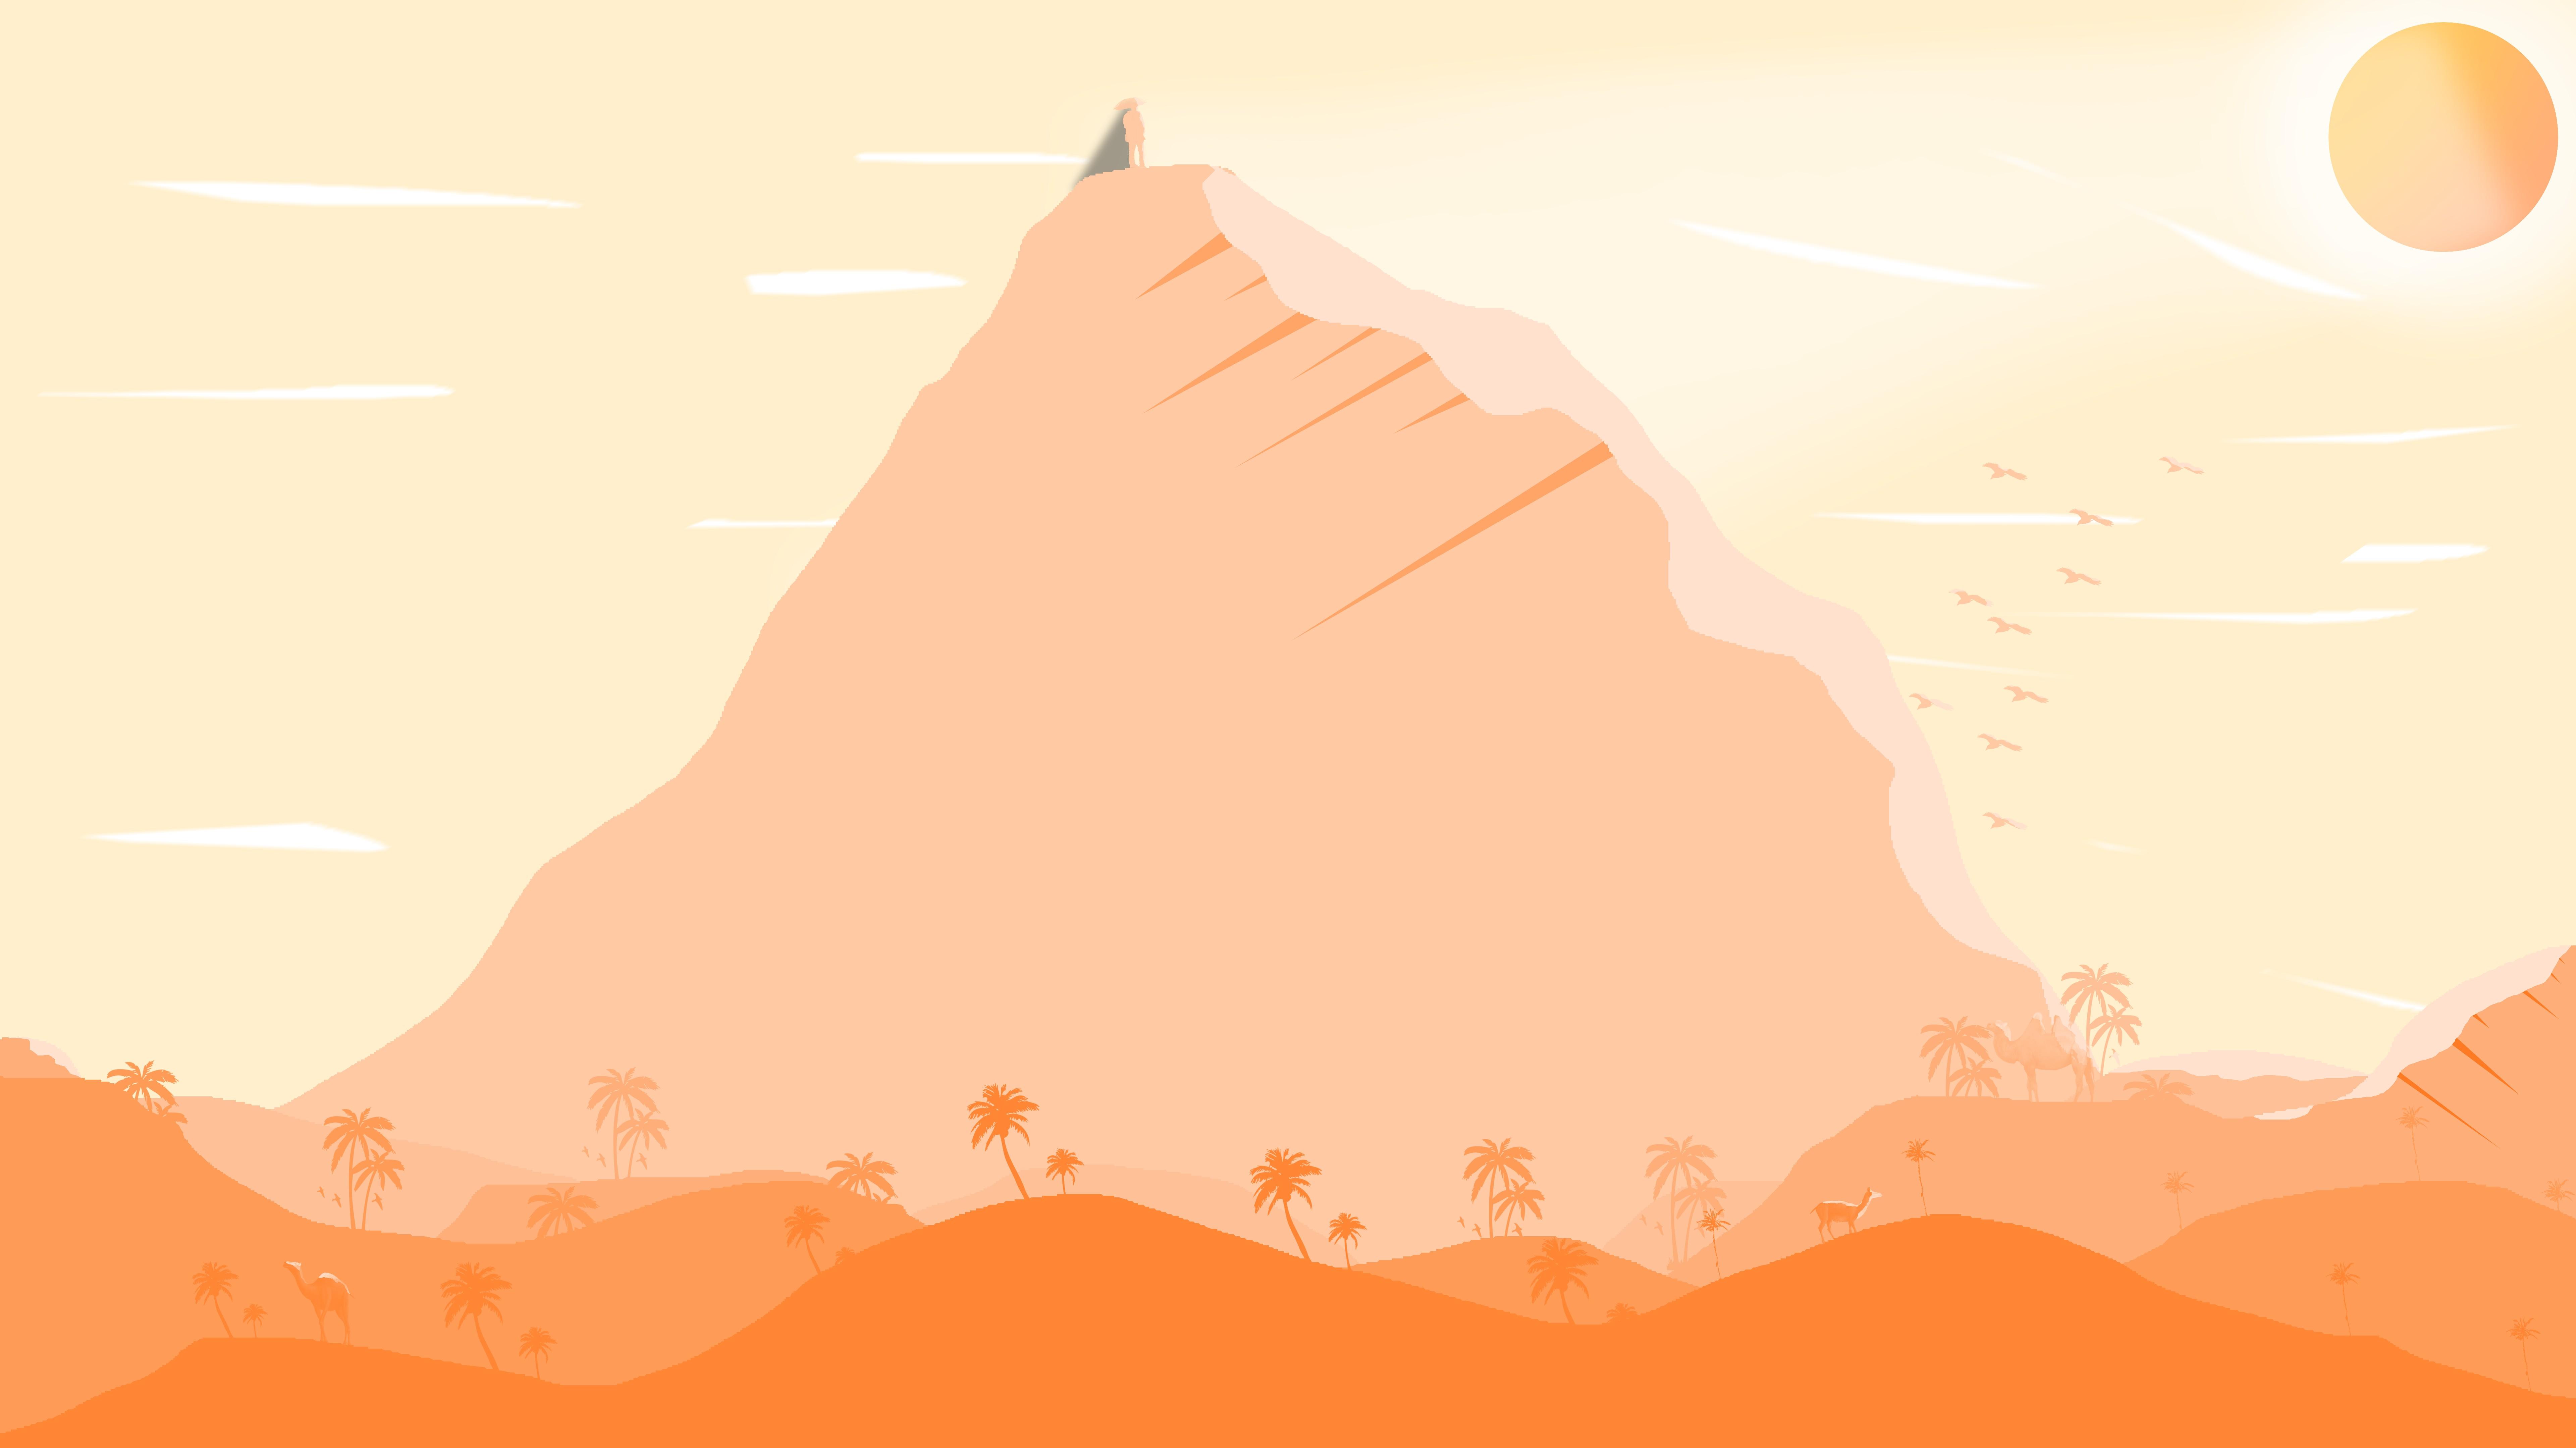 Sandy times  orange theme wallpaper